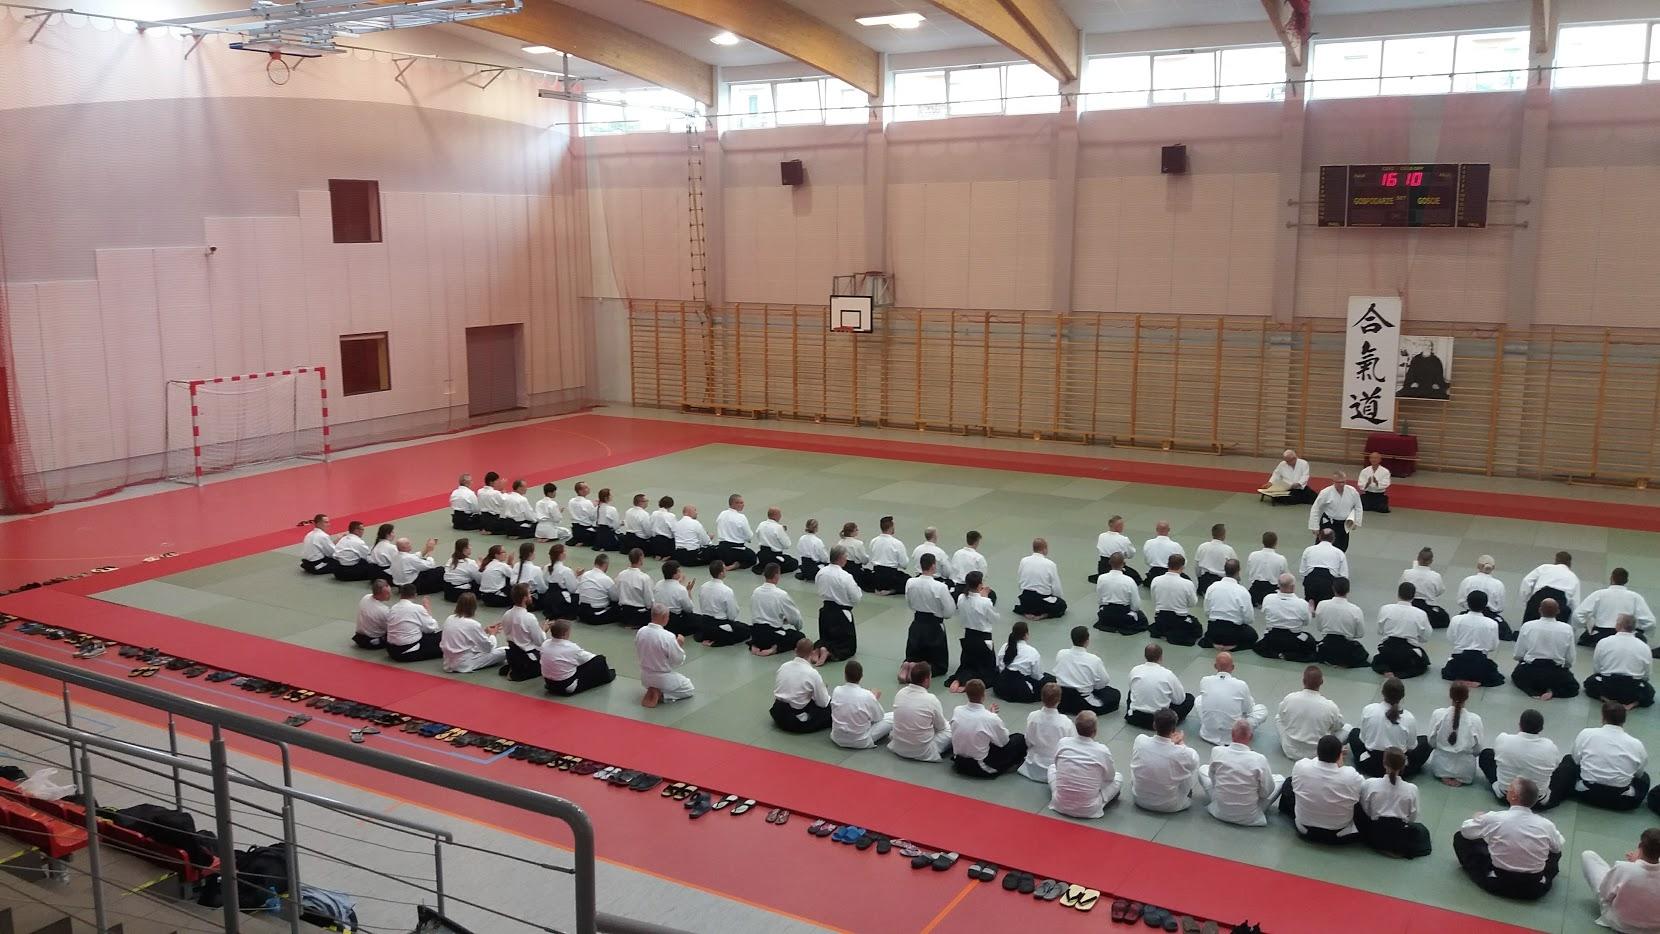 Staż Złotów, Inagaki Shihan 8 Dan Aikido Aikikai